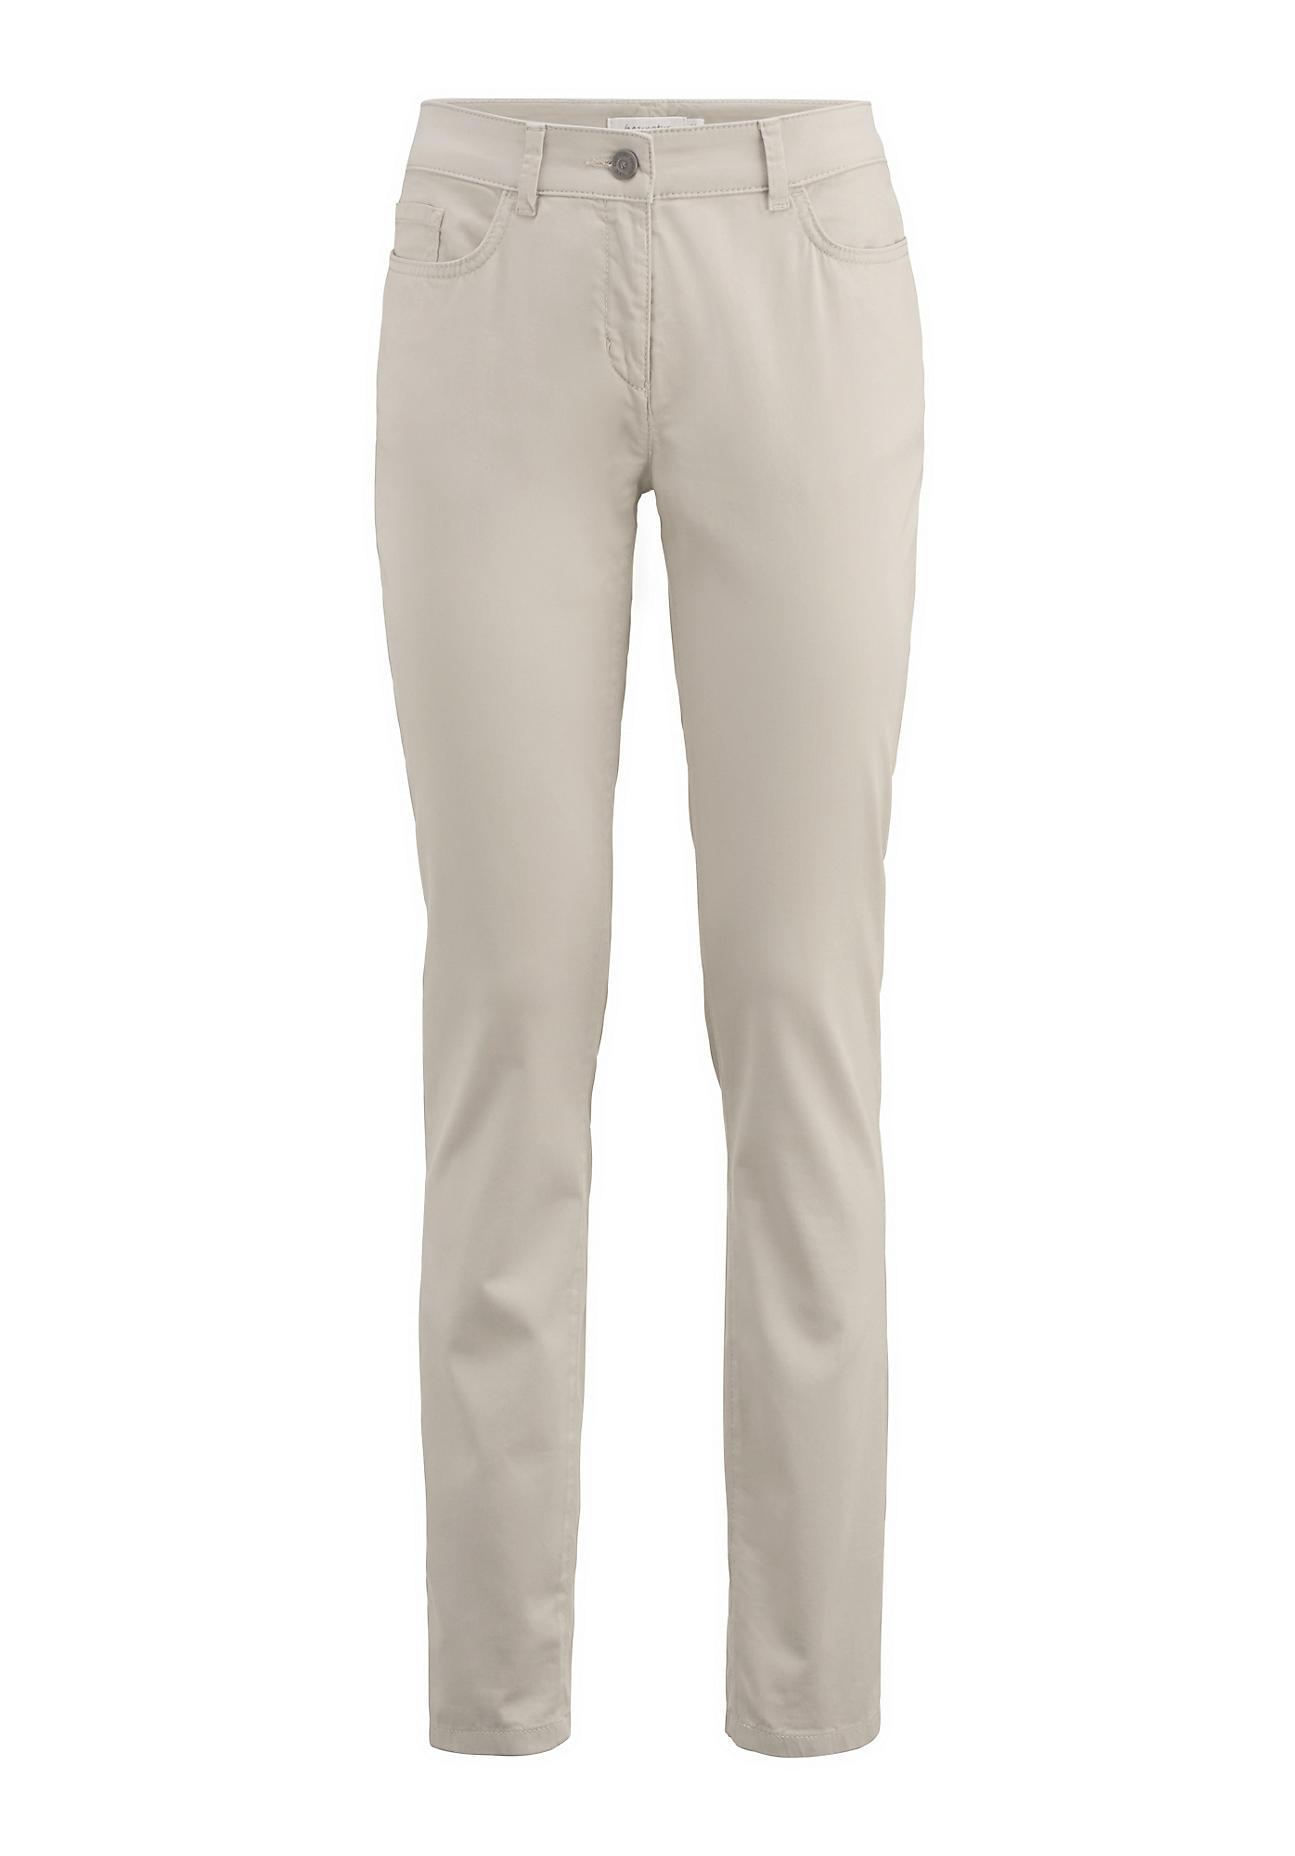 Hosen für Frauen - hessnatur Damen Hose Slim Fit aus Bio Baumwolle – beige –  - Onlineshop Hessnatur